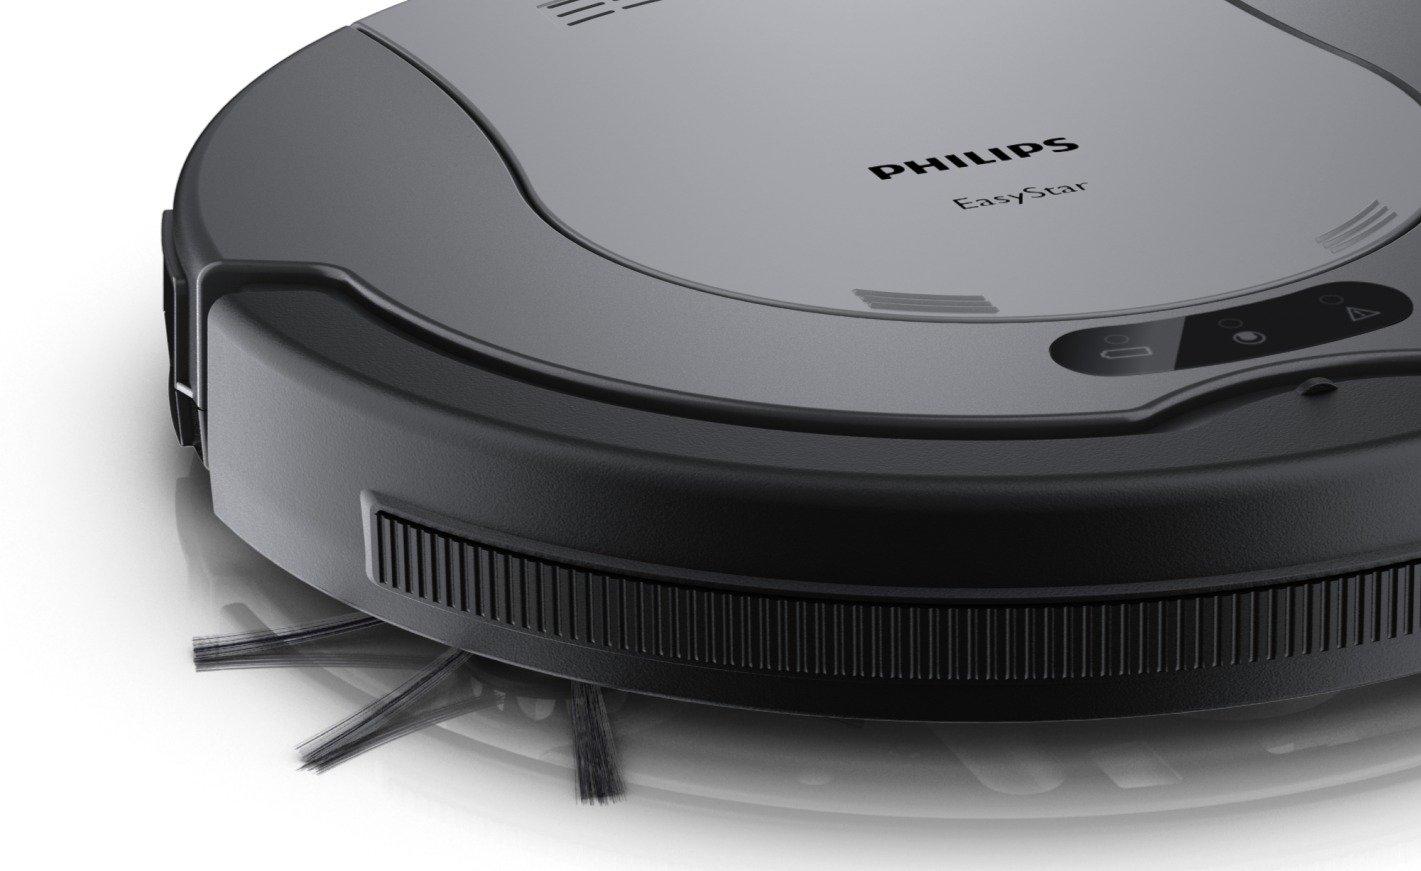 Philips FC8802/01 - Robot aspirador con sistema de limpieza de 2 fases para capturar la suciedad y el polvo, funcionamiento con 1 botón: Amazon.es: Hogar